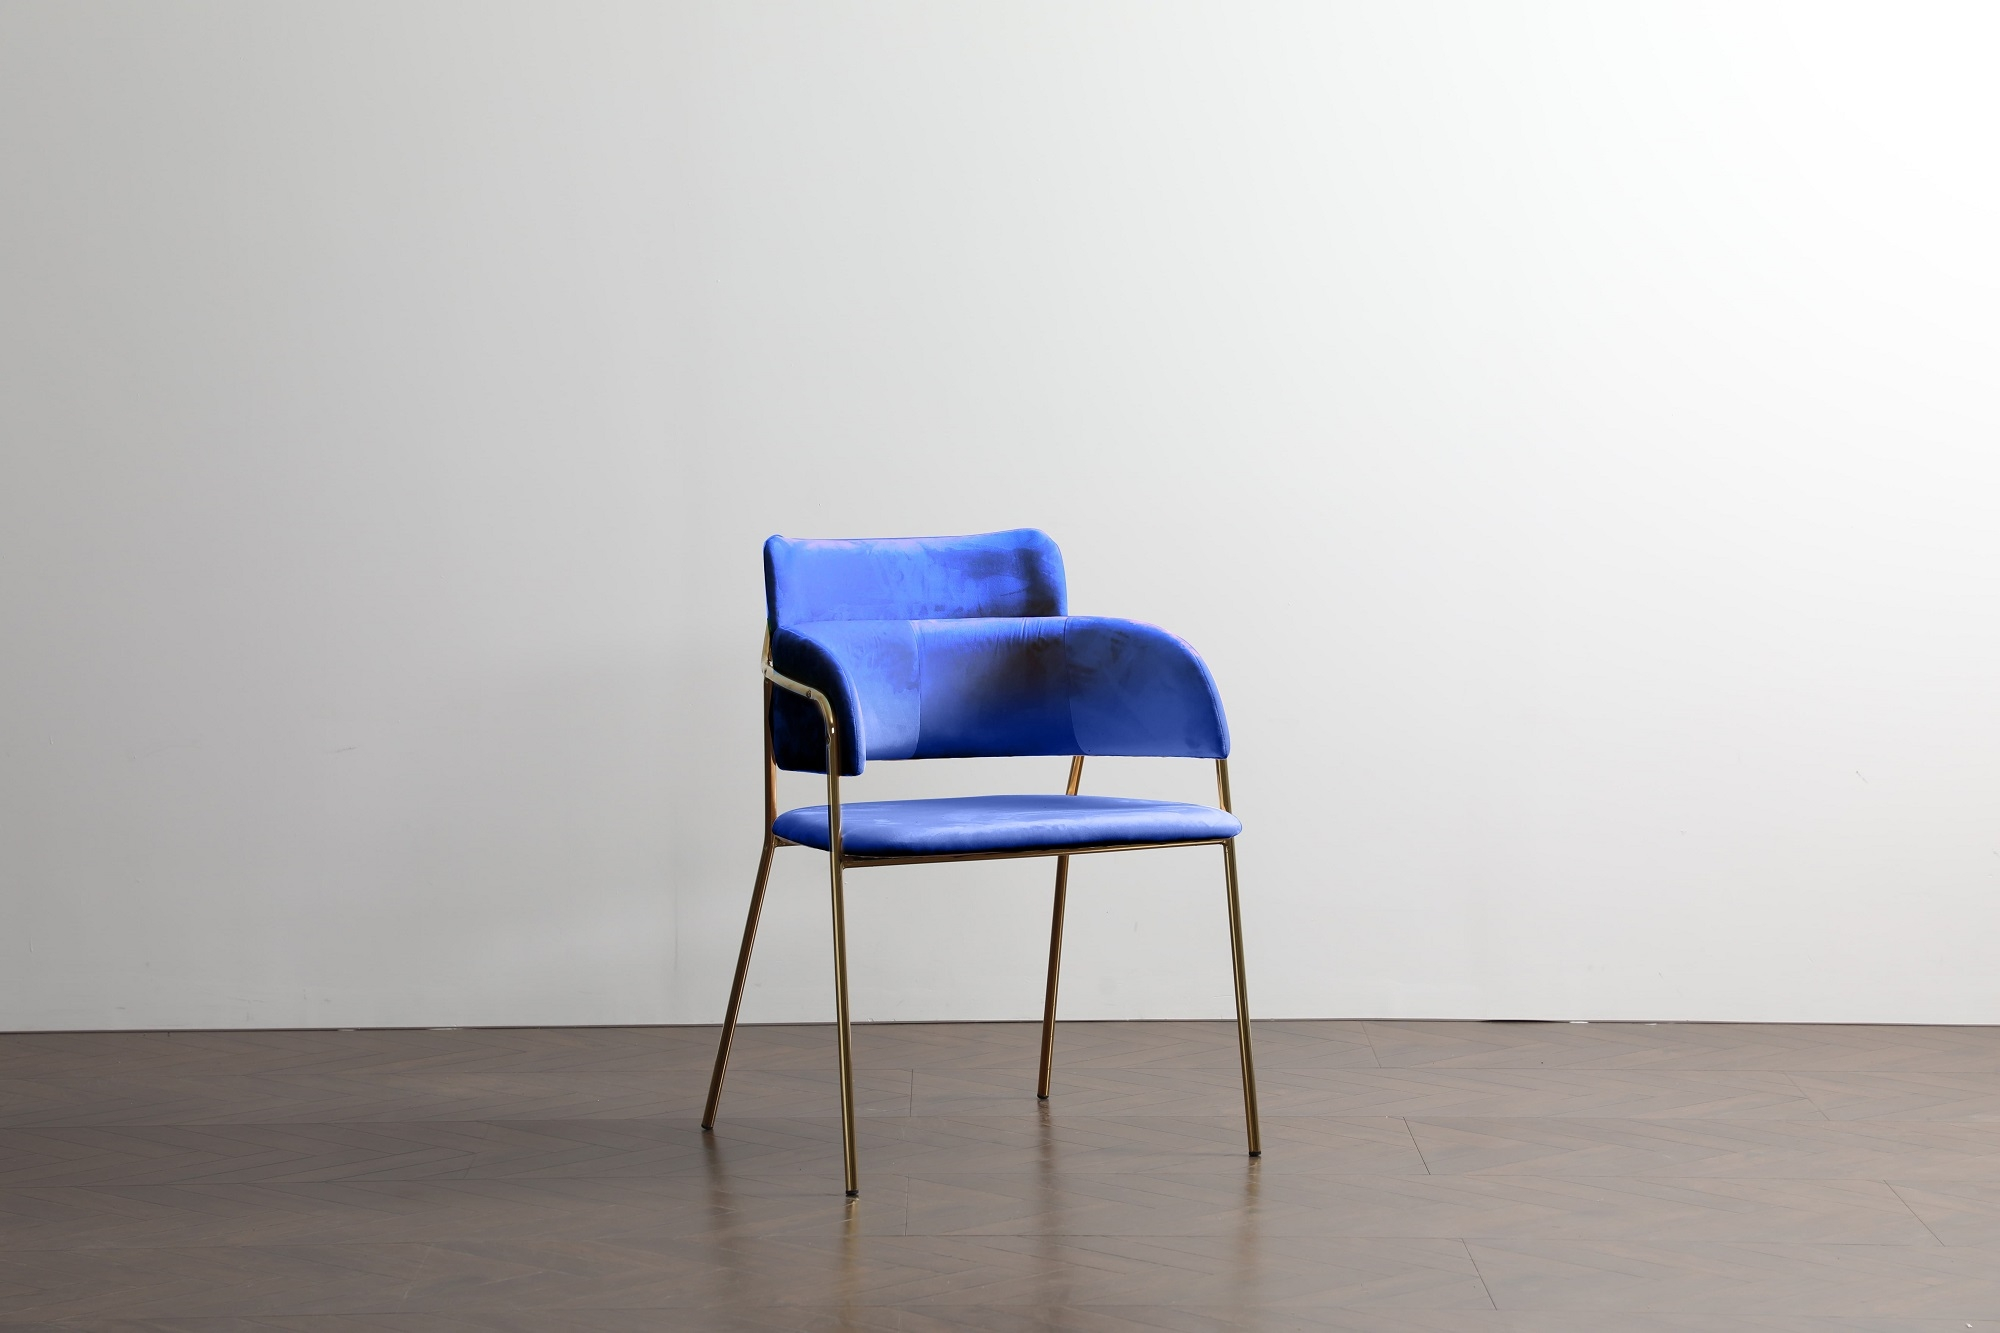 Scaun tapitat cu stofa, cu picioare metalice Eveline Velvet Blue, l48xA43xH84 cm imagine